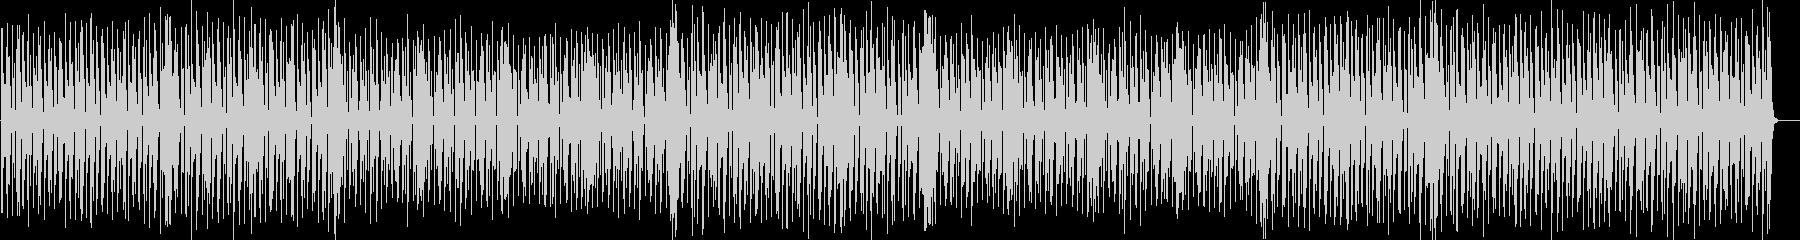 跳ねるグルーヴのエレクトロポップの未再生の波形